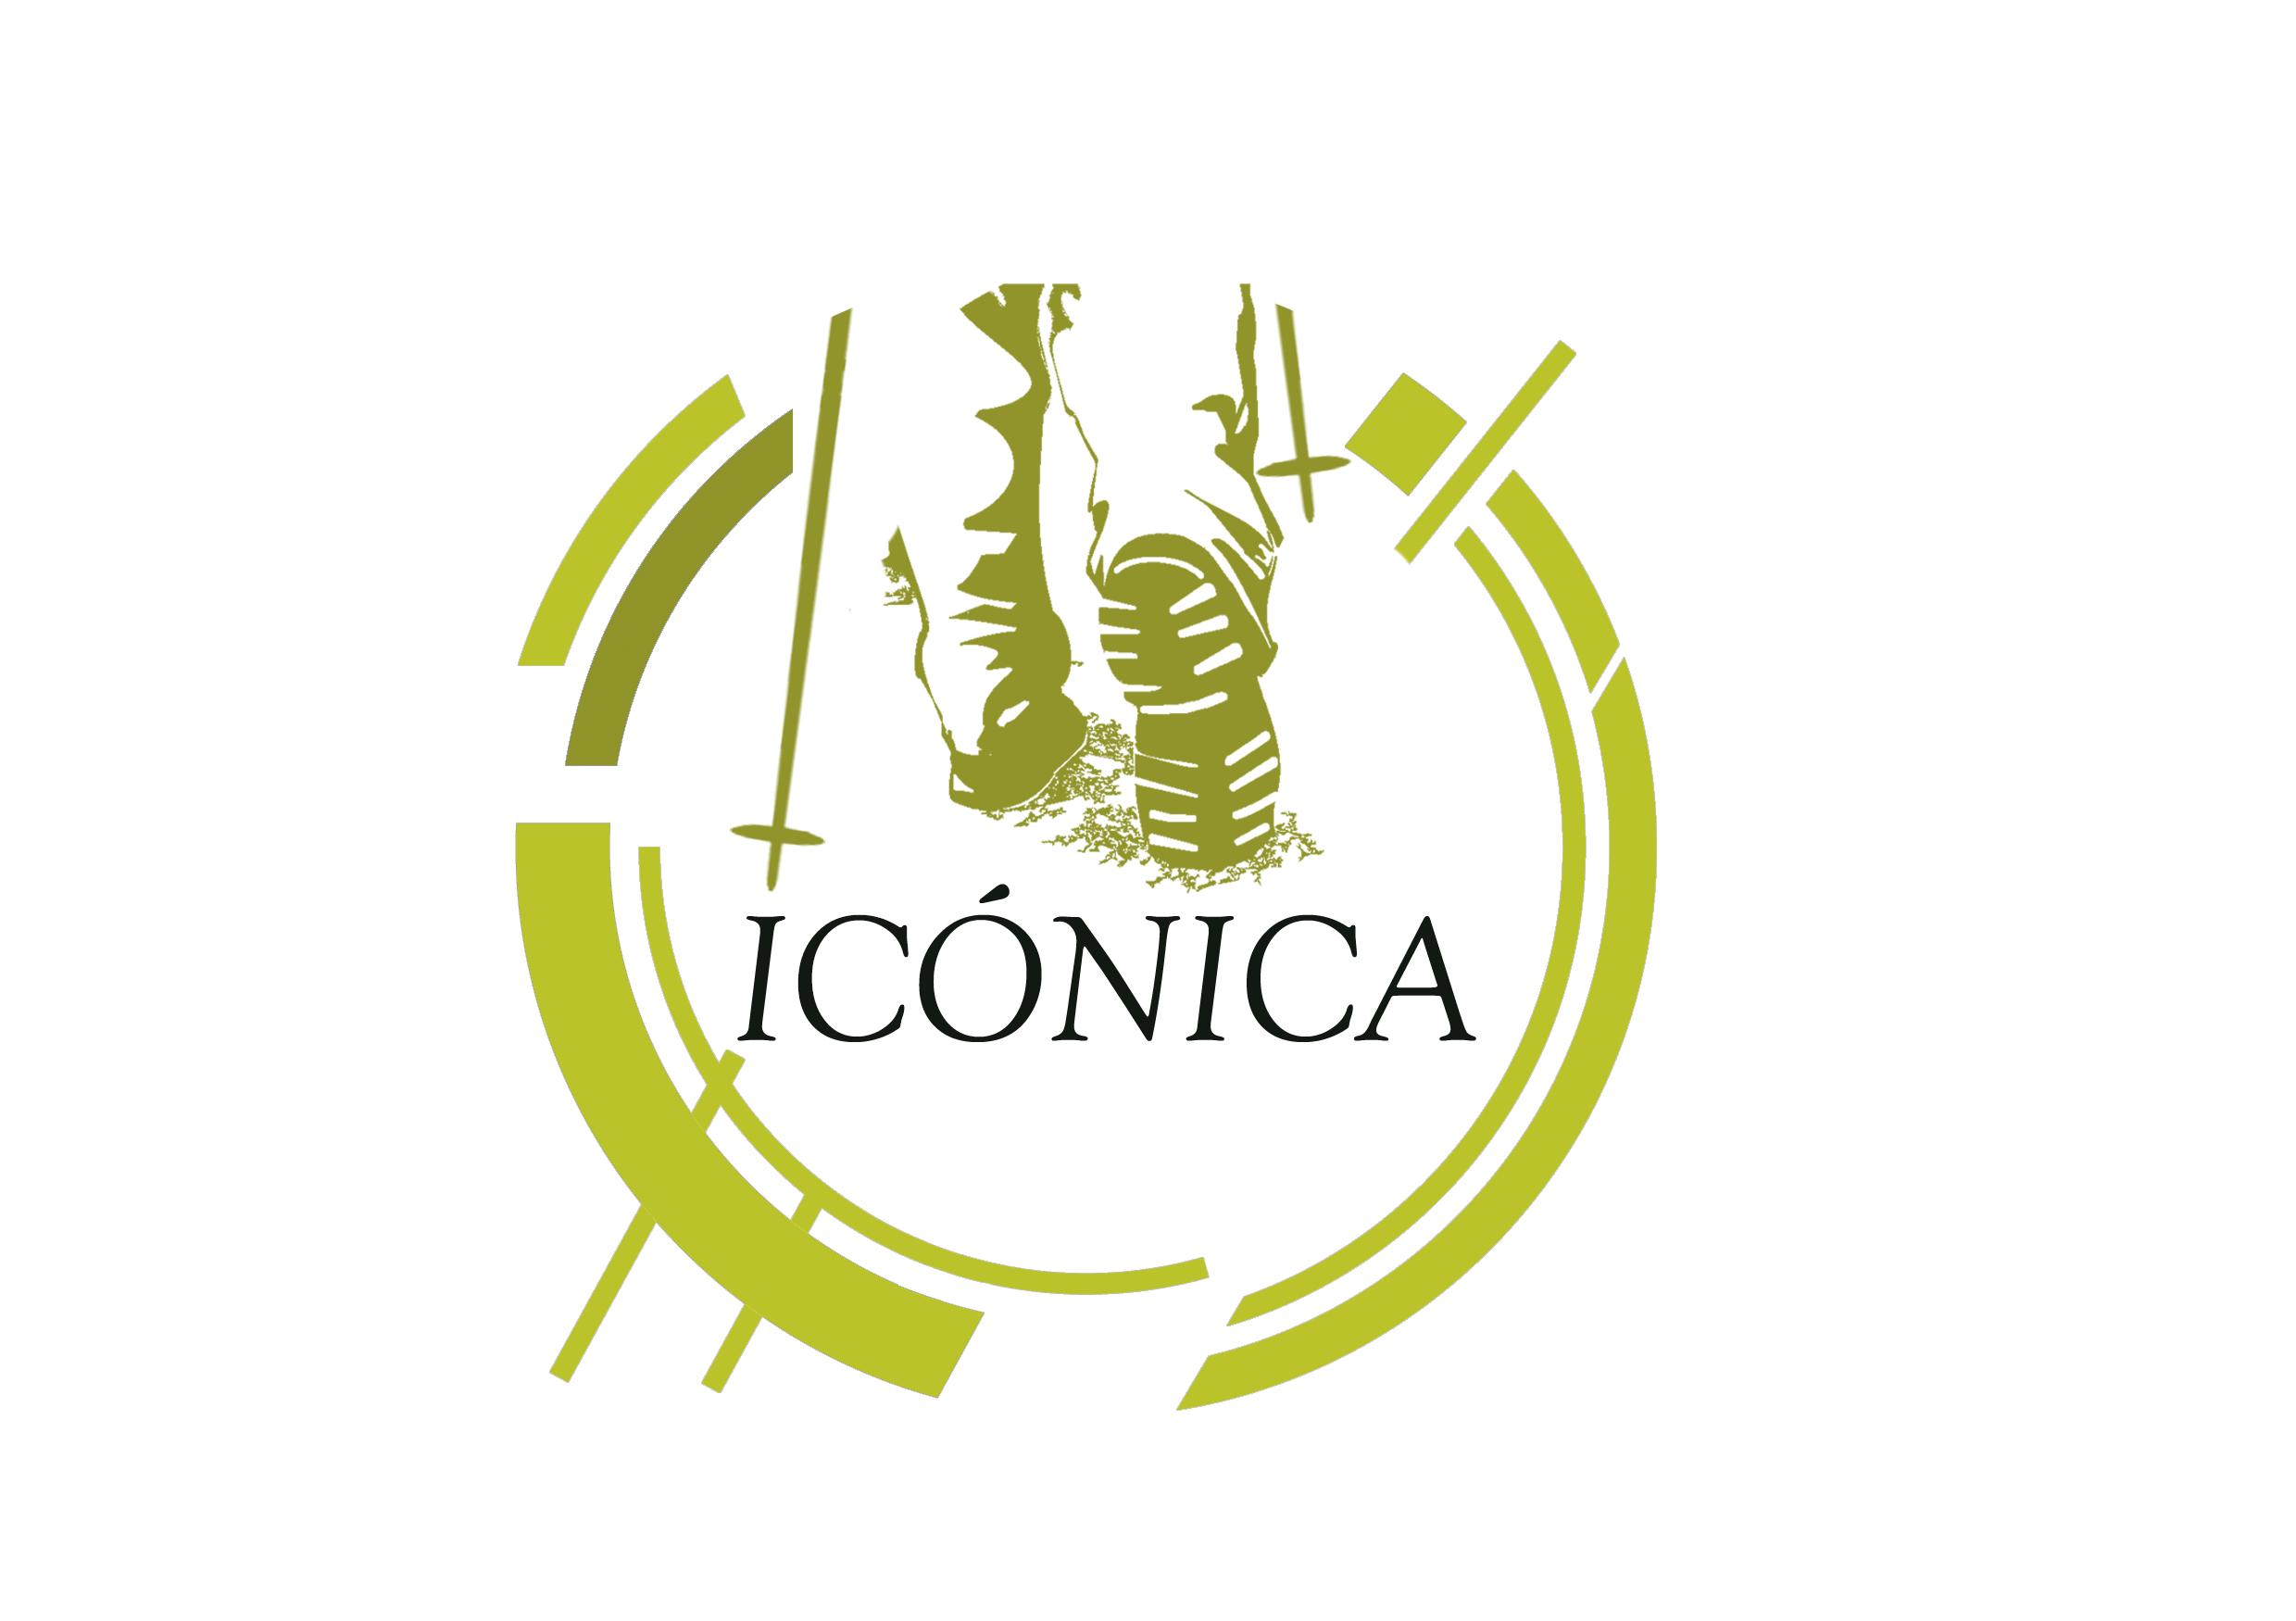 La Icónica